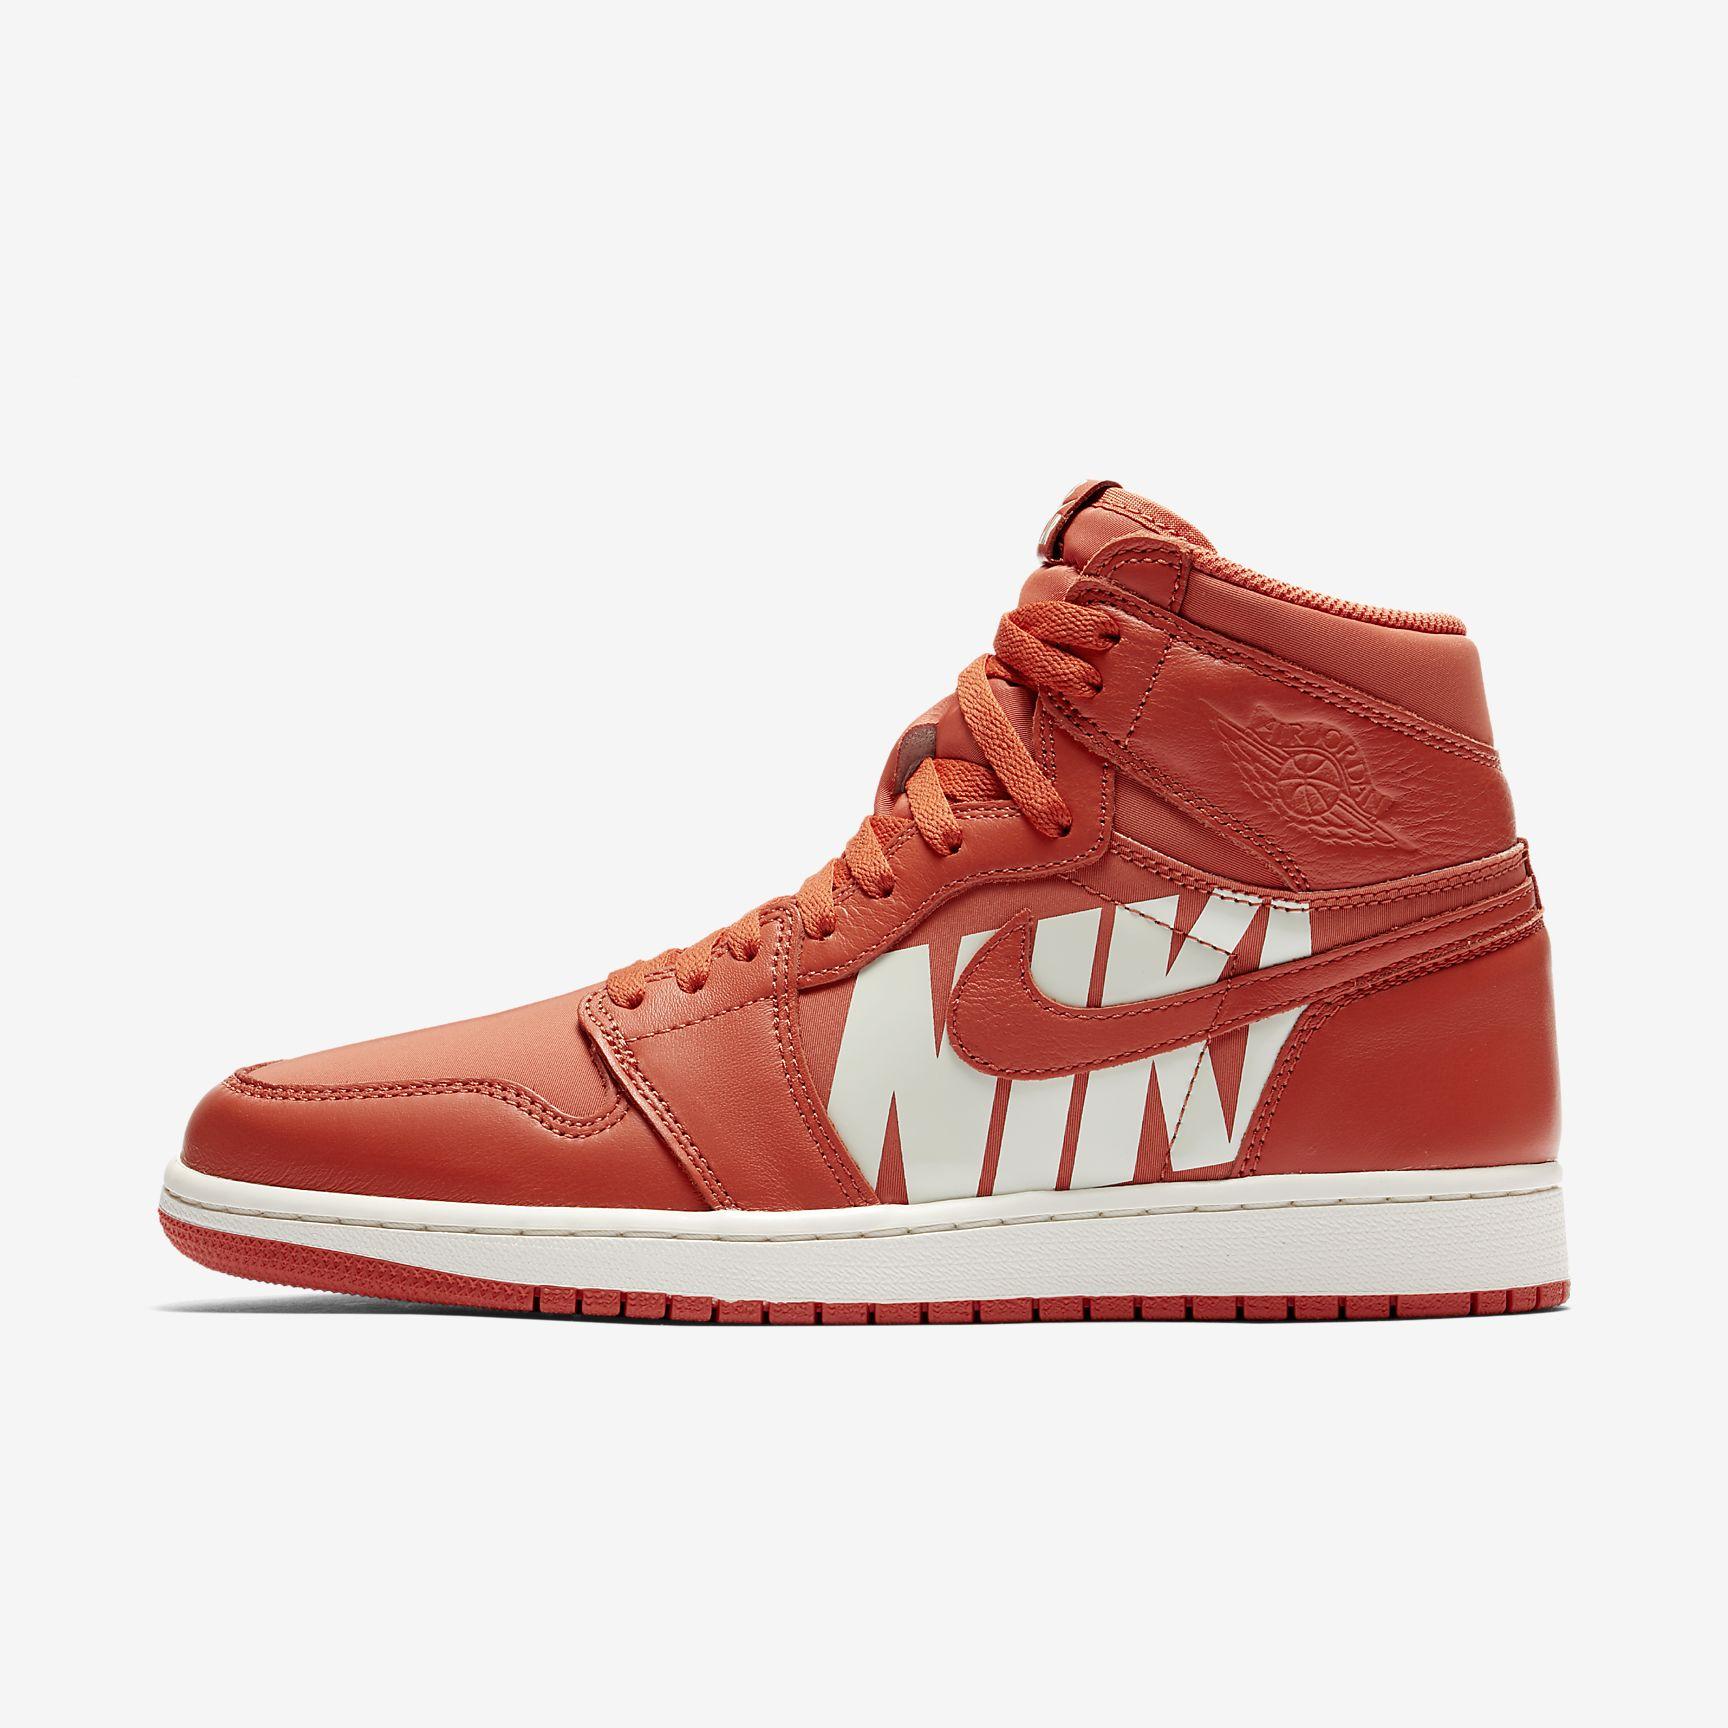 NIKE Air Jordan 1 Retro High OG Herren in rot oder olive